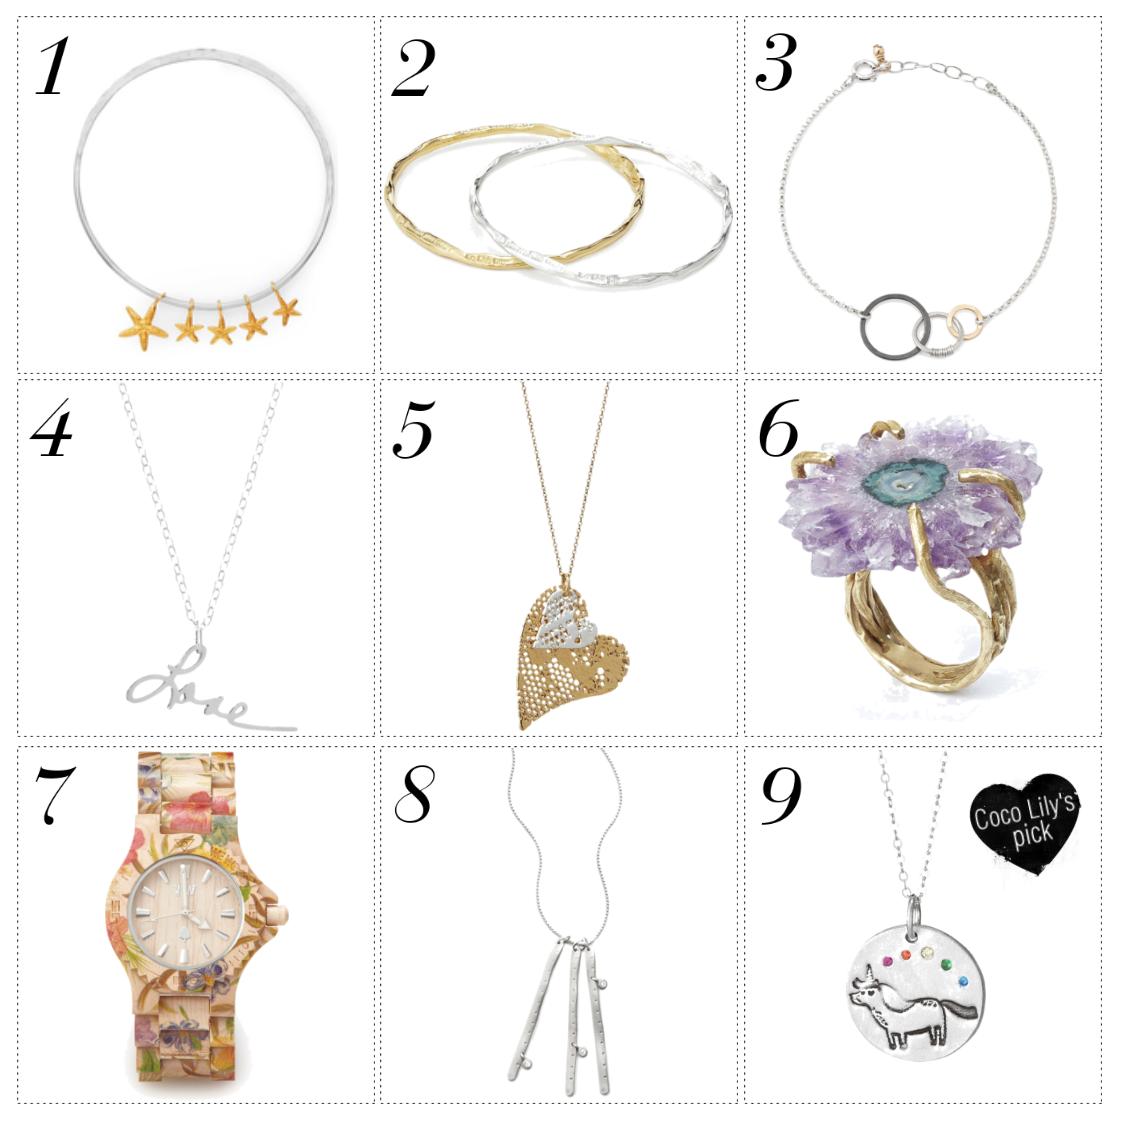 cocomamastyle | uncommon goods | handmade bespoke jewellery